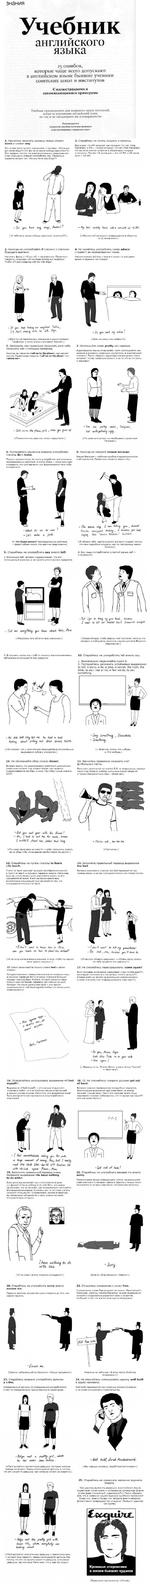 знания Учебник английского языка 25 ошибок, которые чаще всего допускают в английском языке бывшие ученики советских школ и институтов С иллюстрациями и запоминающимися примерами Учебник предназначен для широкого круга читслсй. Kol да 'io изучавших английский ялык. но так и не оялаленших мы н